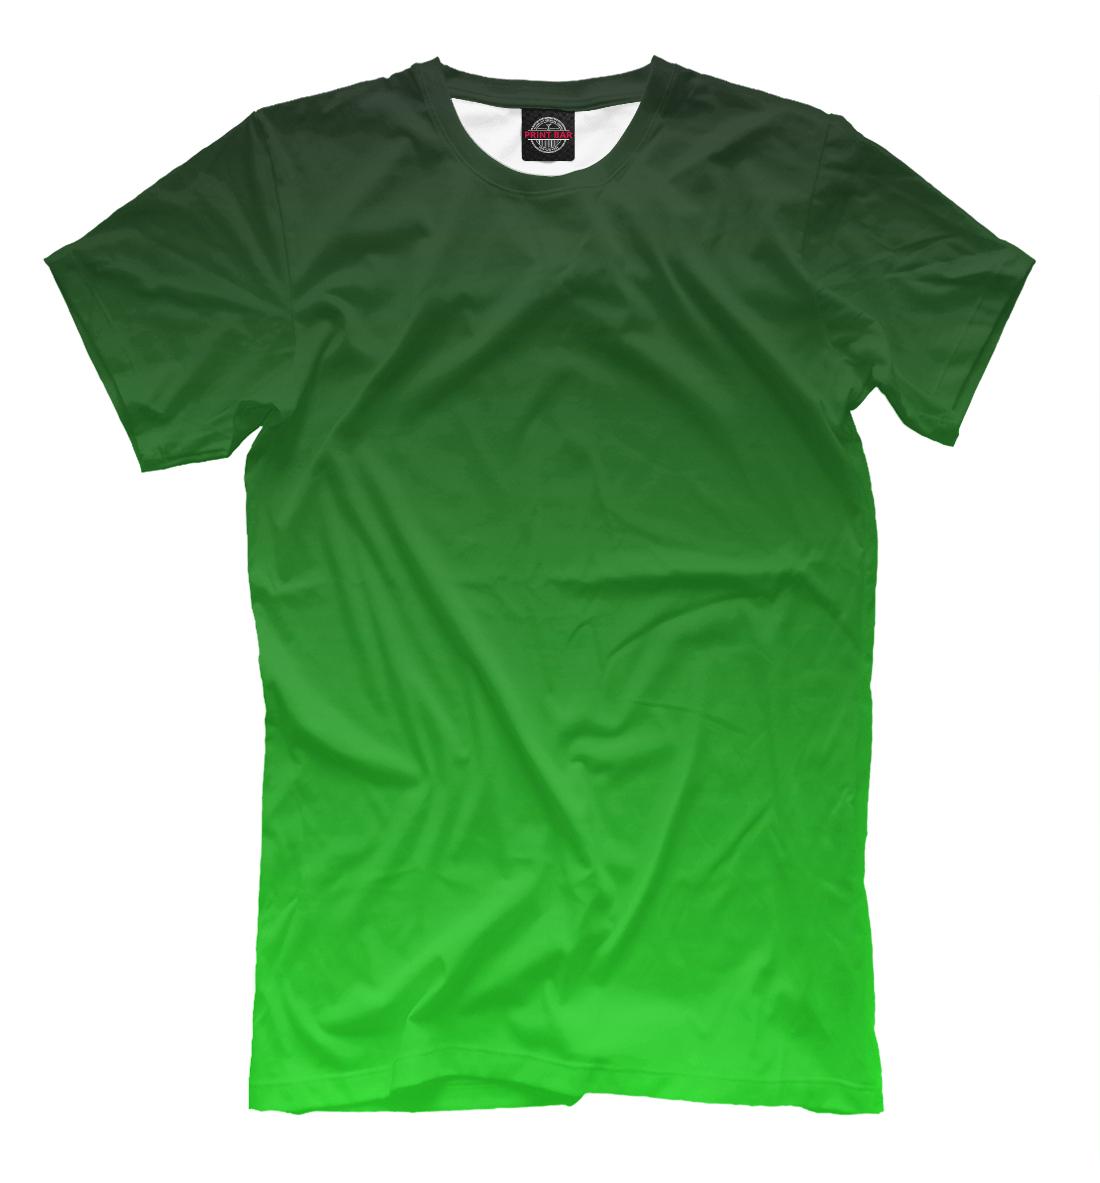 Купить Градиент Зеленый в Черный, Printbar, Футболки, CLR-327769-fut-2